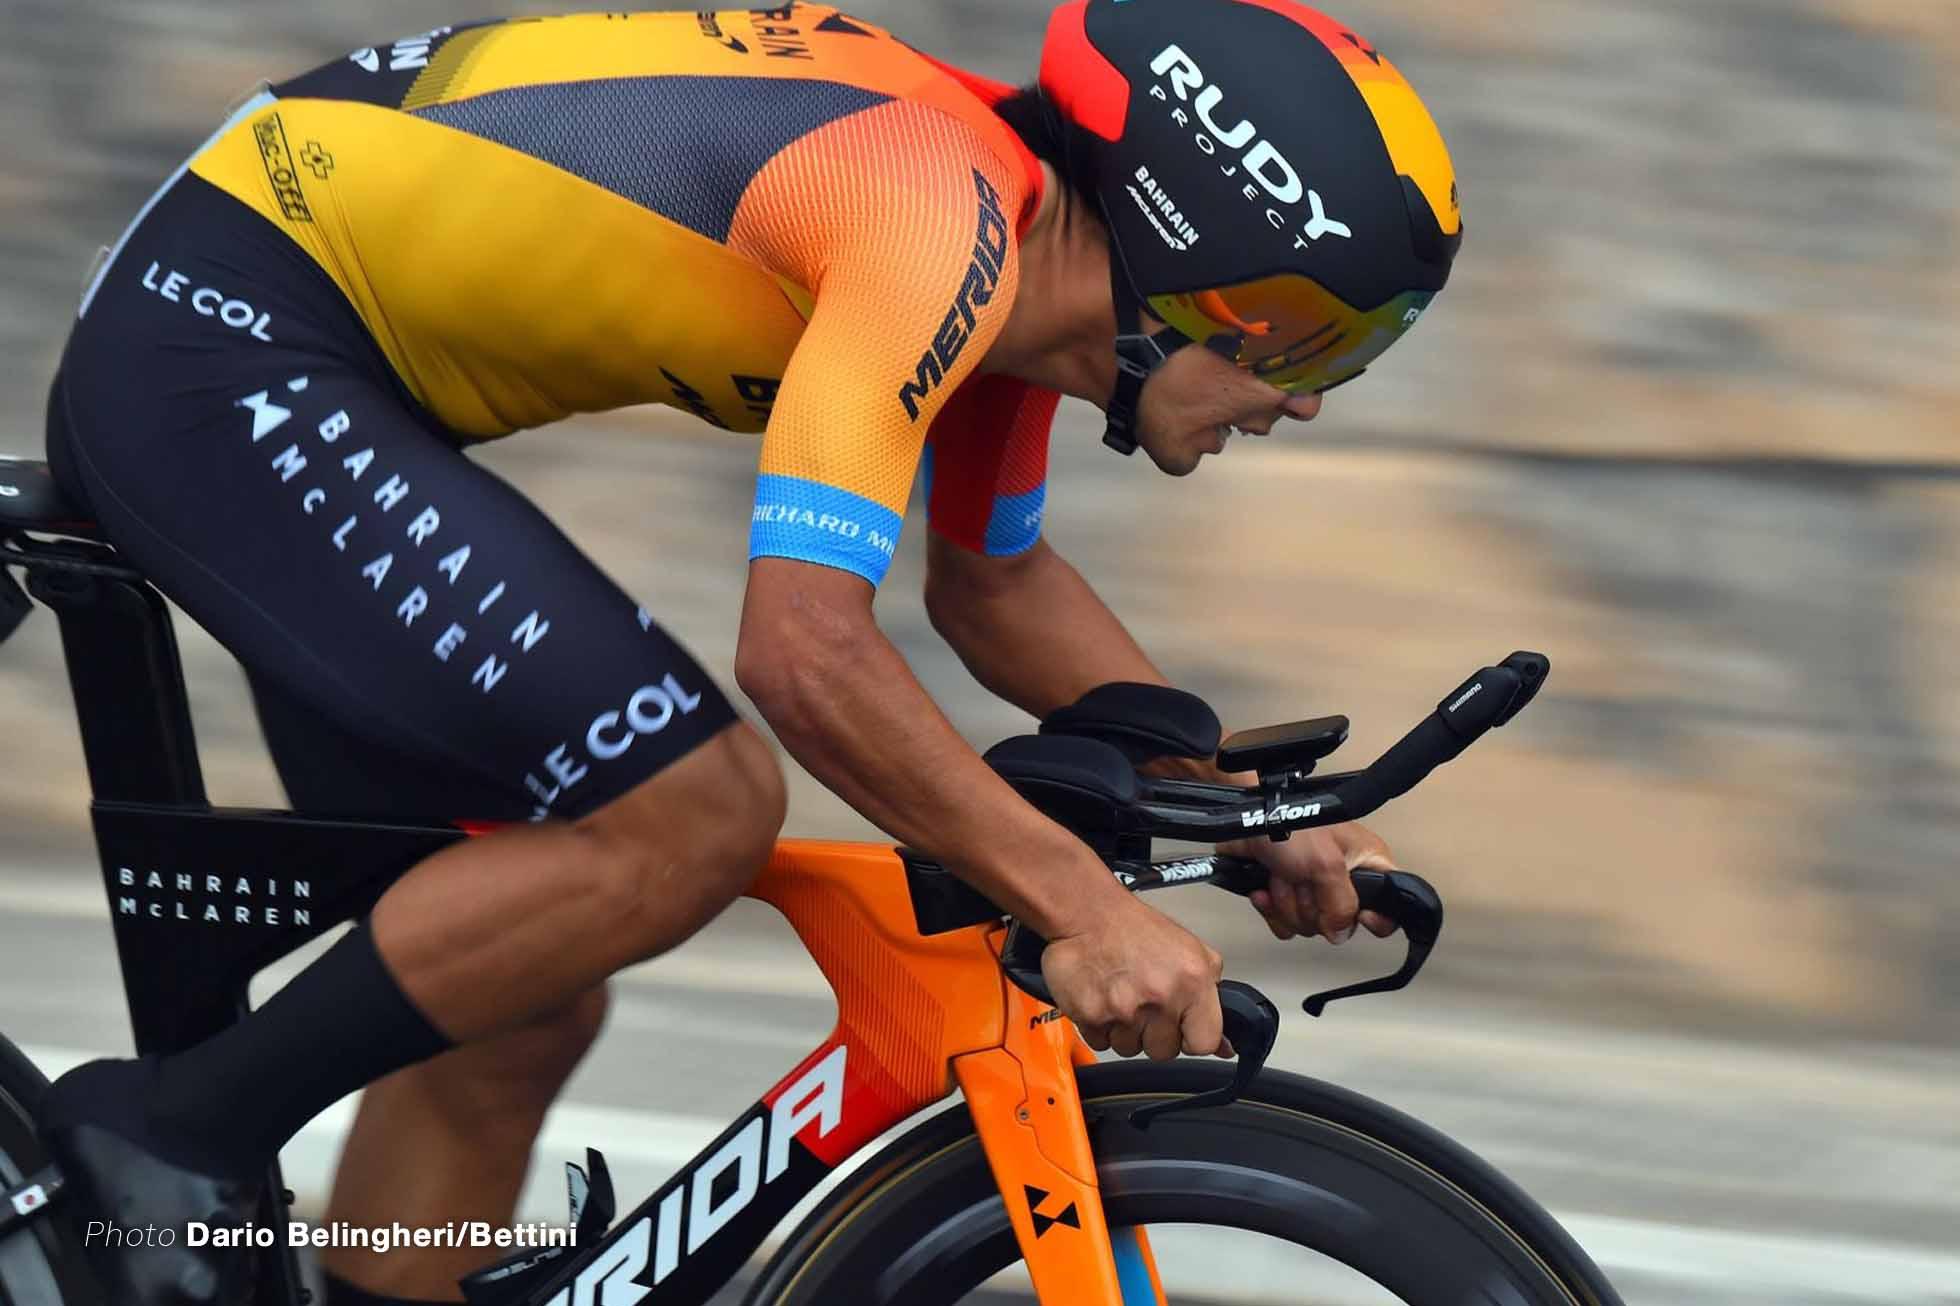 新城幸也 ジロ2020 第1ステージ photo Dario Belingheri Bettini